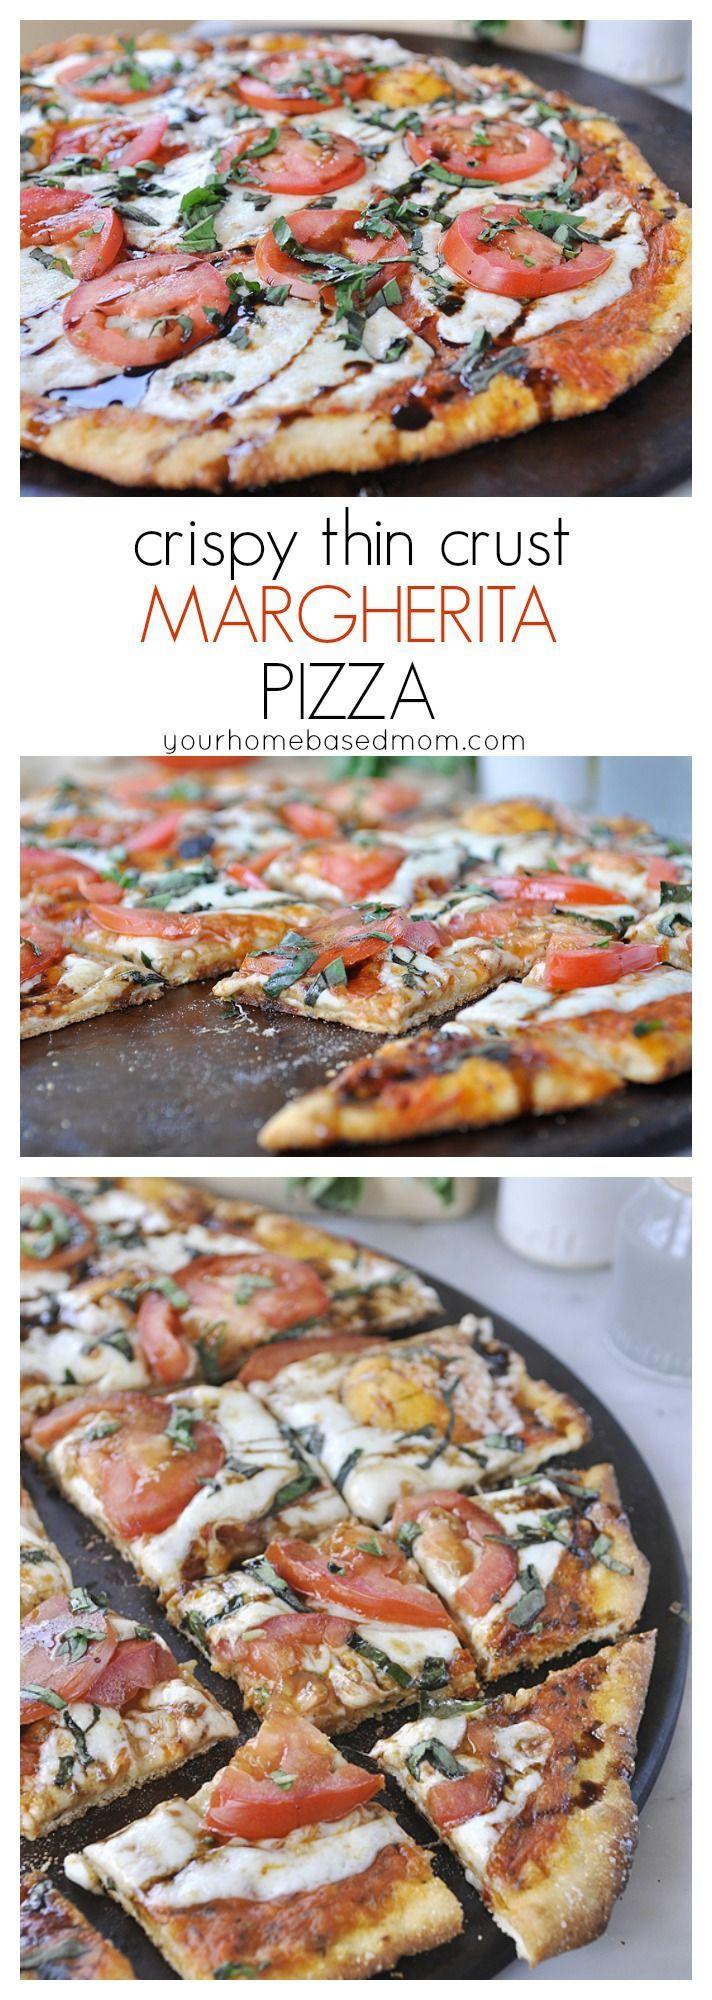 crispy thin crust margherita pizza recipe - so easy and so delicious!